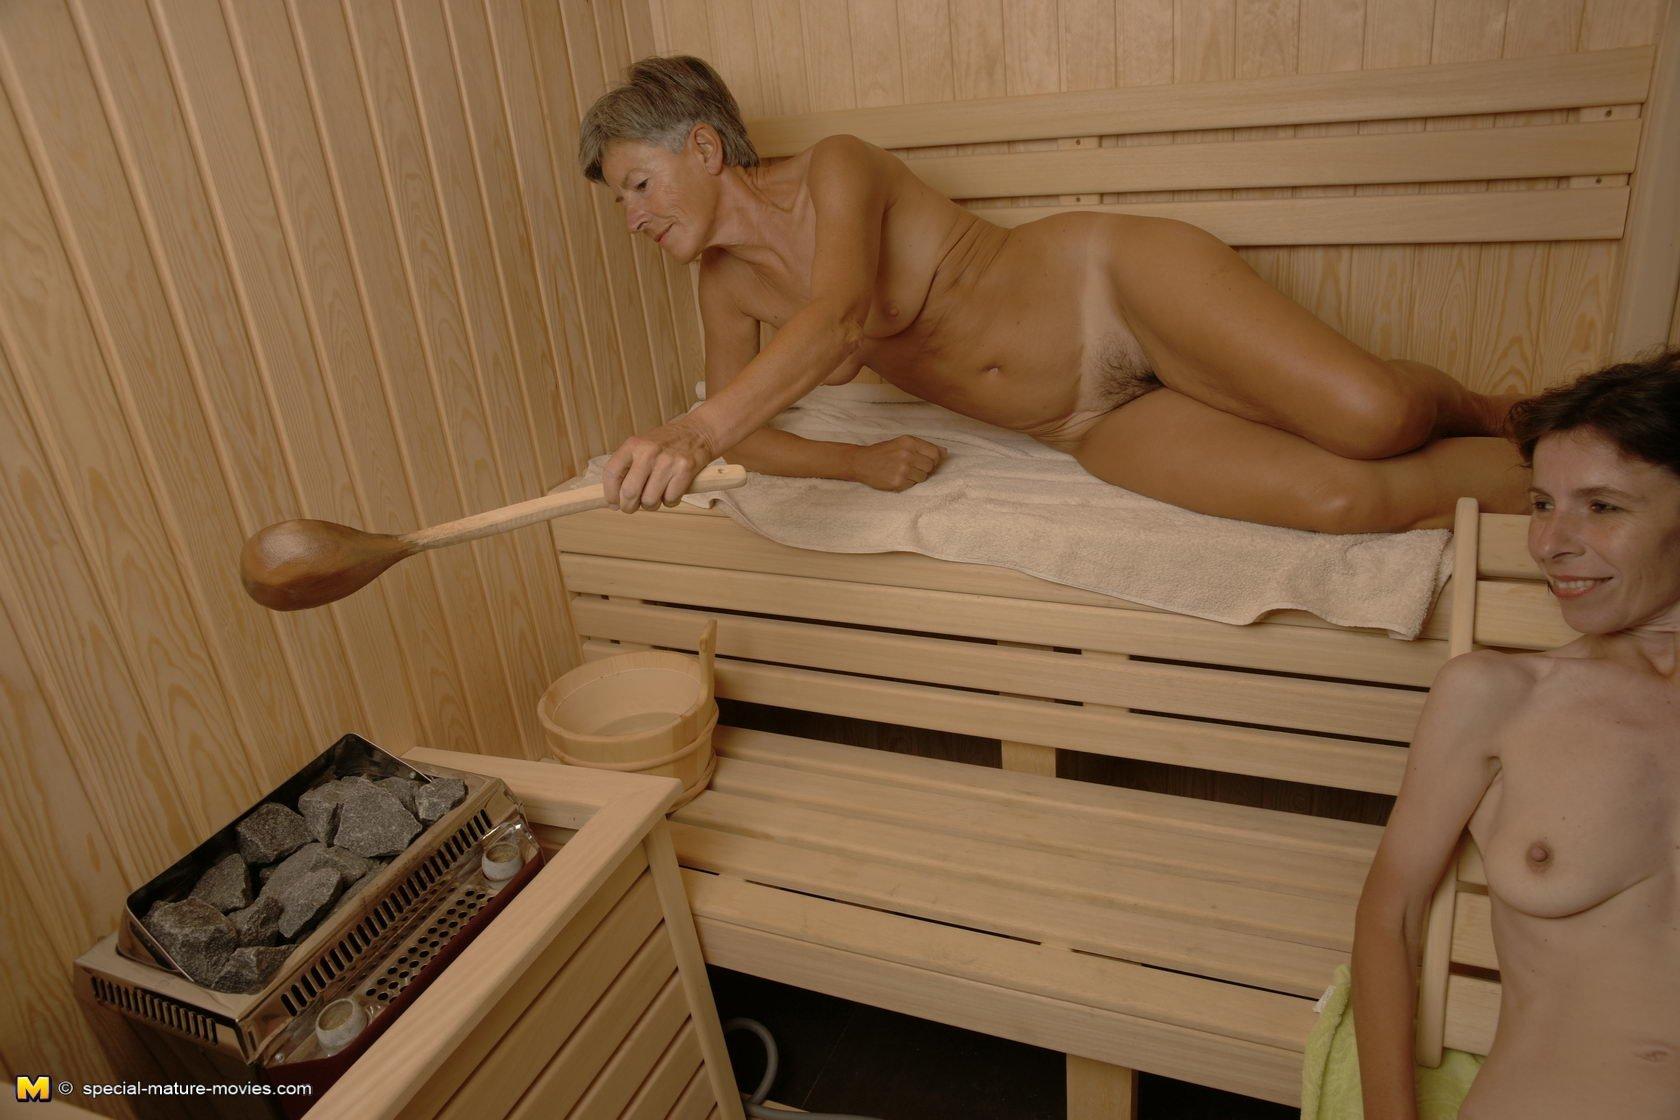 Русское порно ретро в бане, Порно в русской бане смотреть видео онлайн 12 фотография